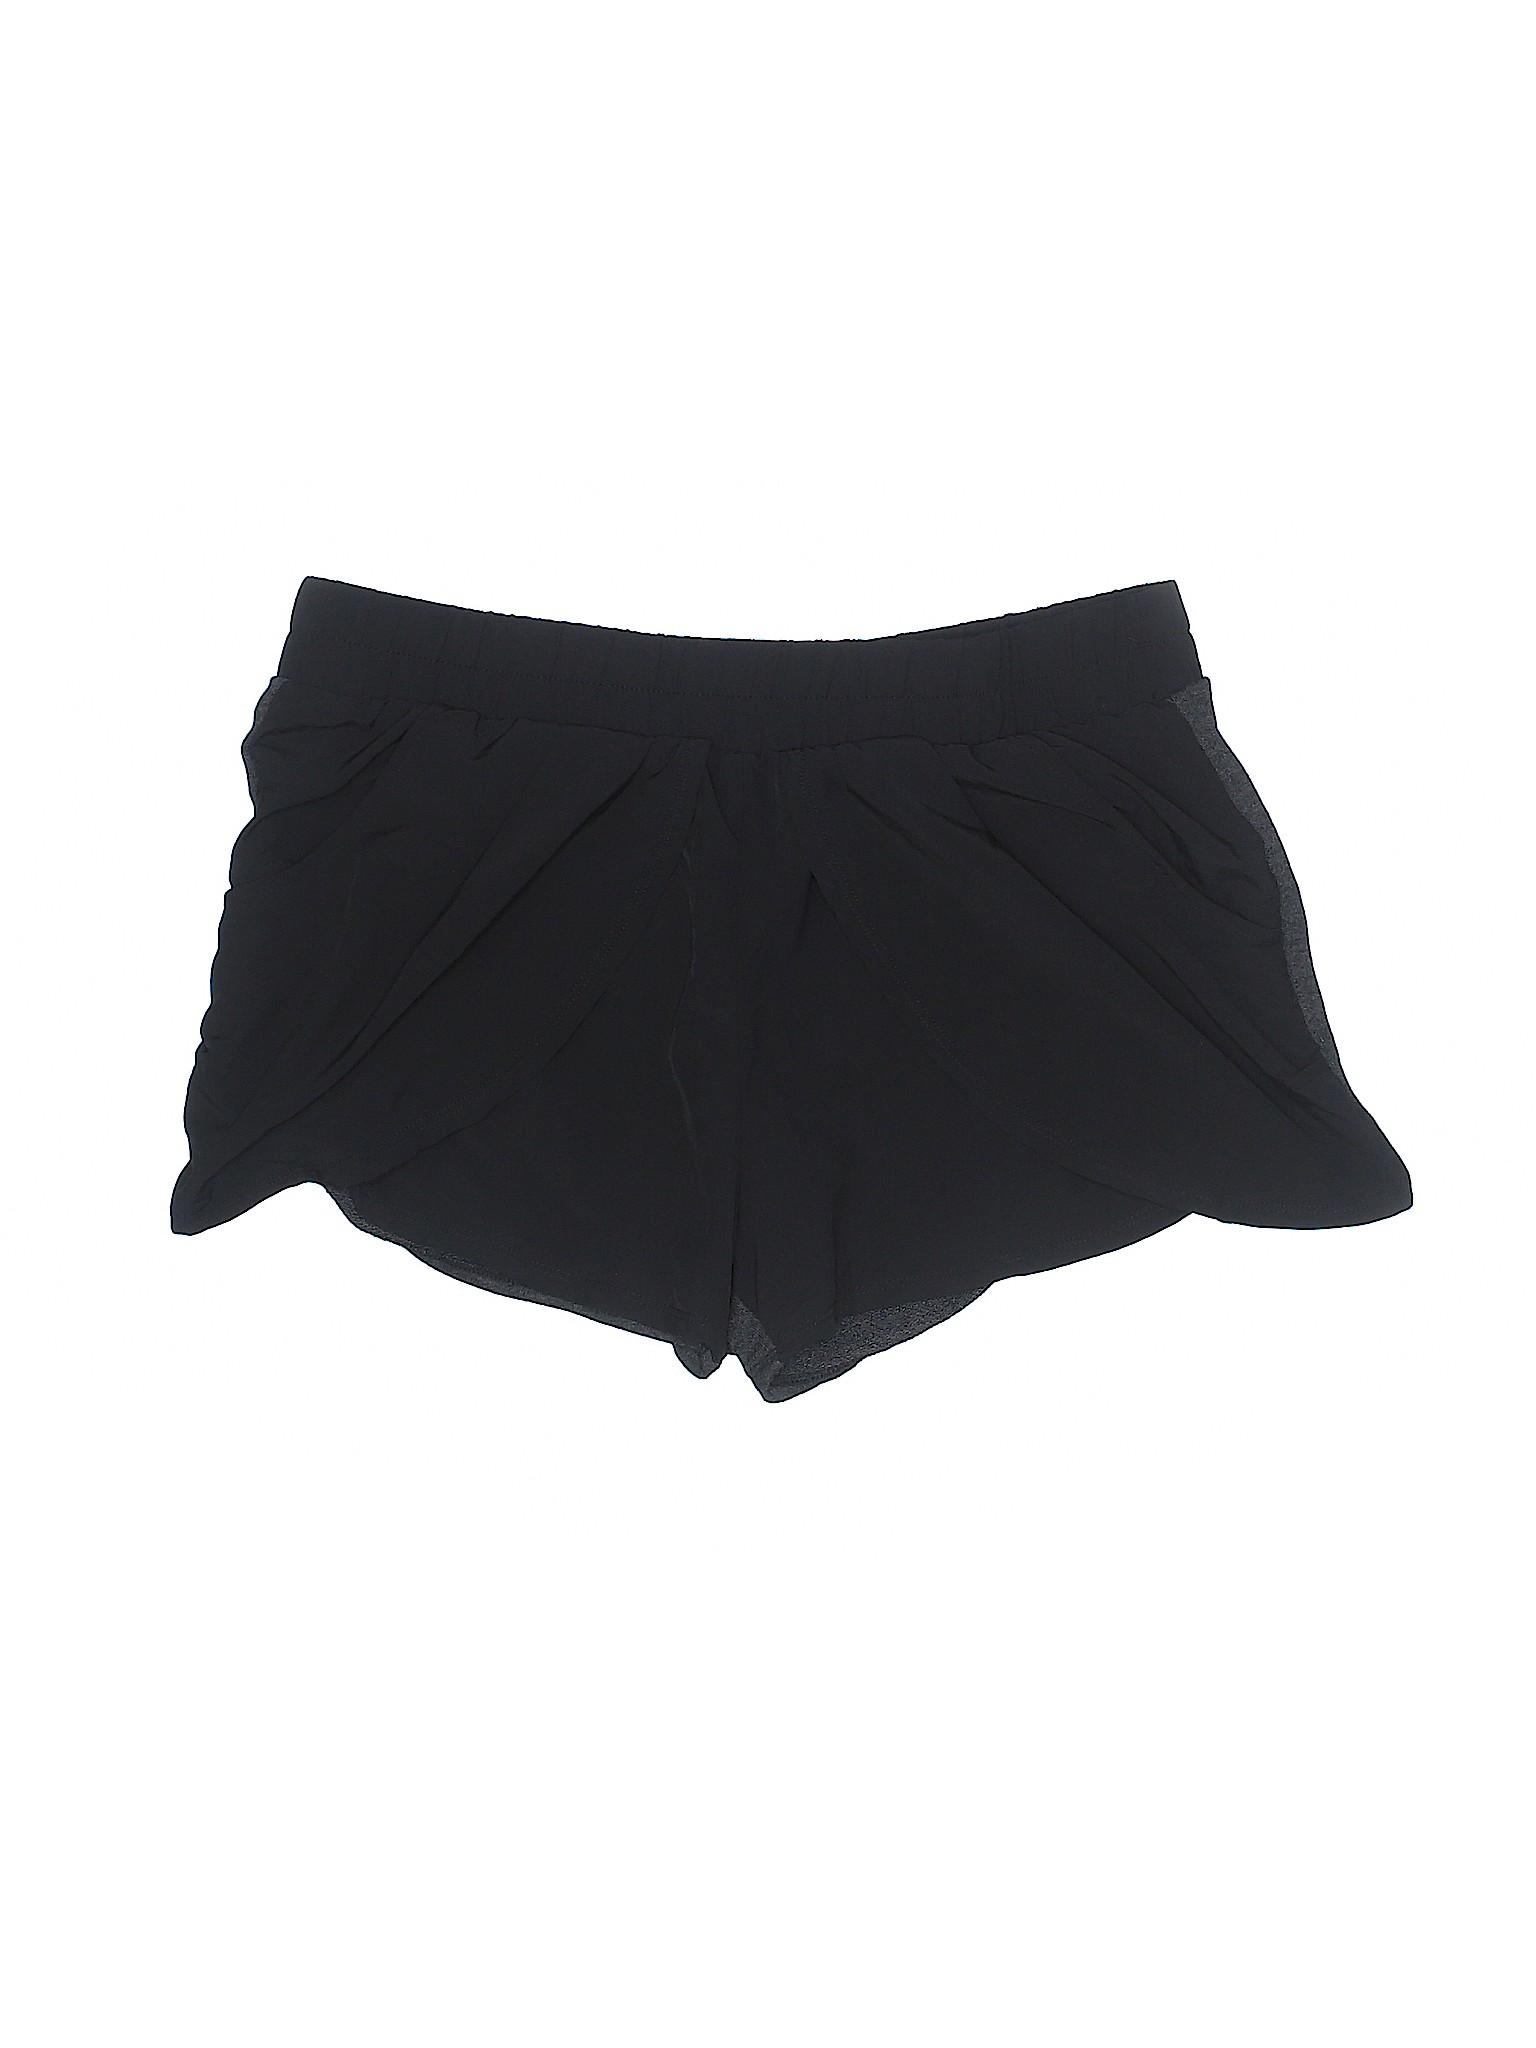 Athletic Shorts Boutique Athletic Fabletics Boutique Shorts Boutique Athletic Boutique Shorts Fabletics Fabletics ZC7xnx40wq